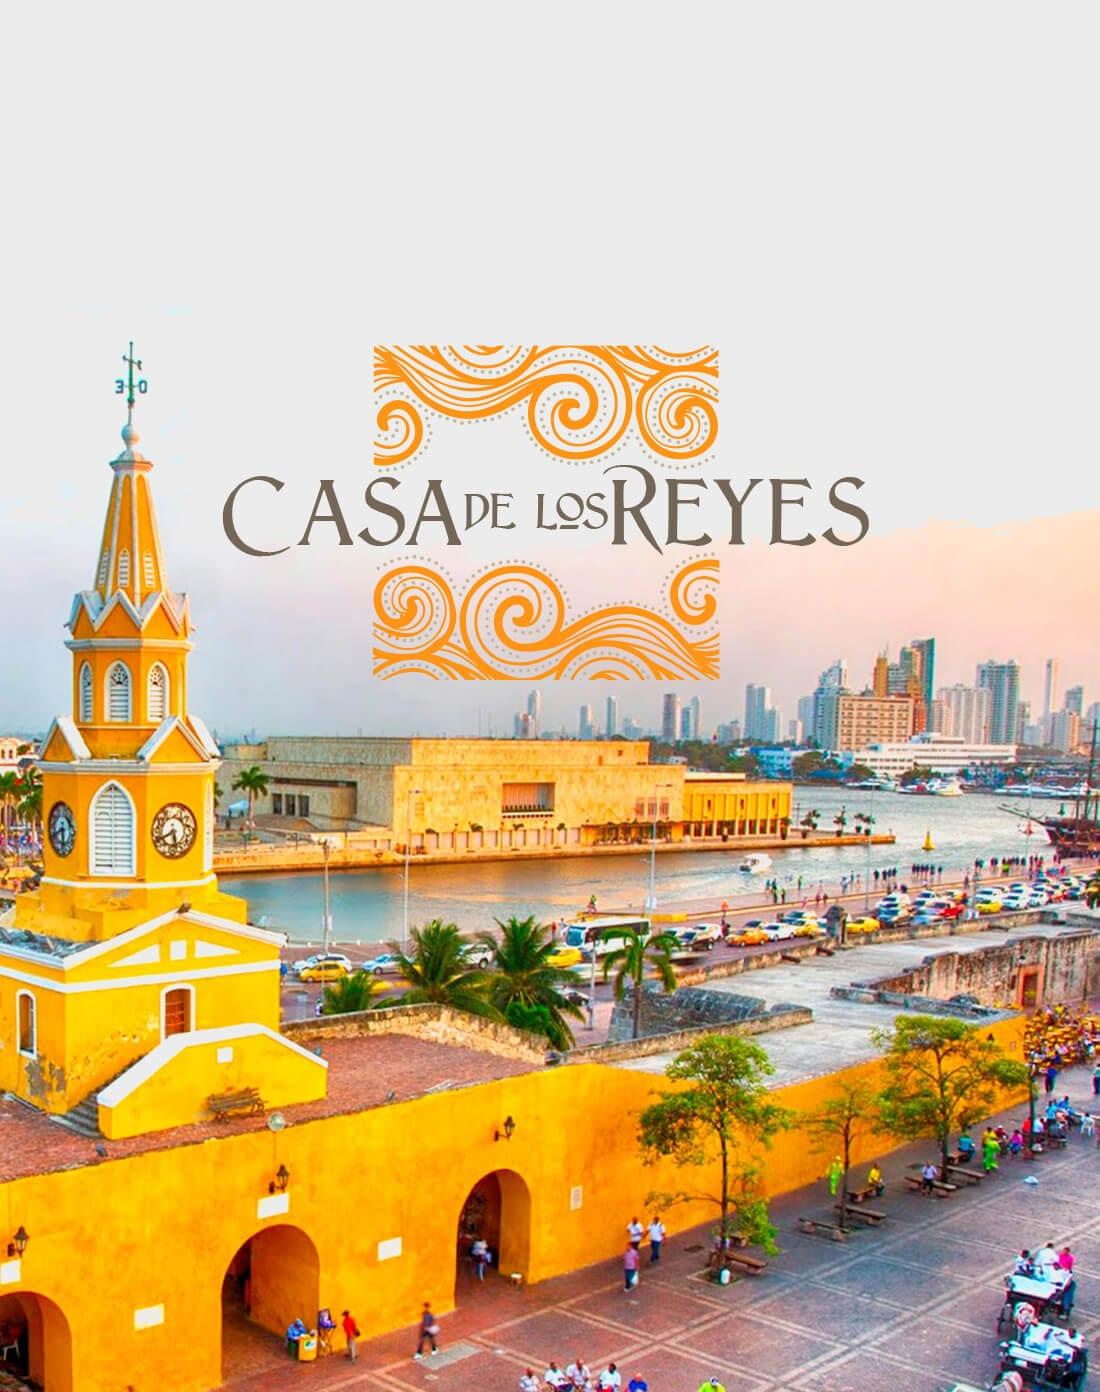 Hotel Boutique Casa de Los Reyes